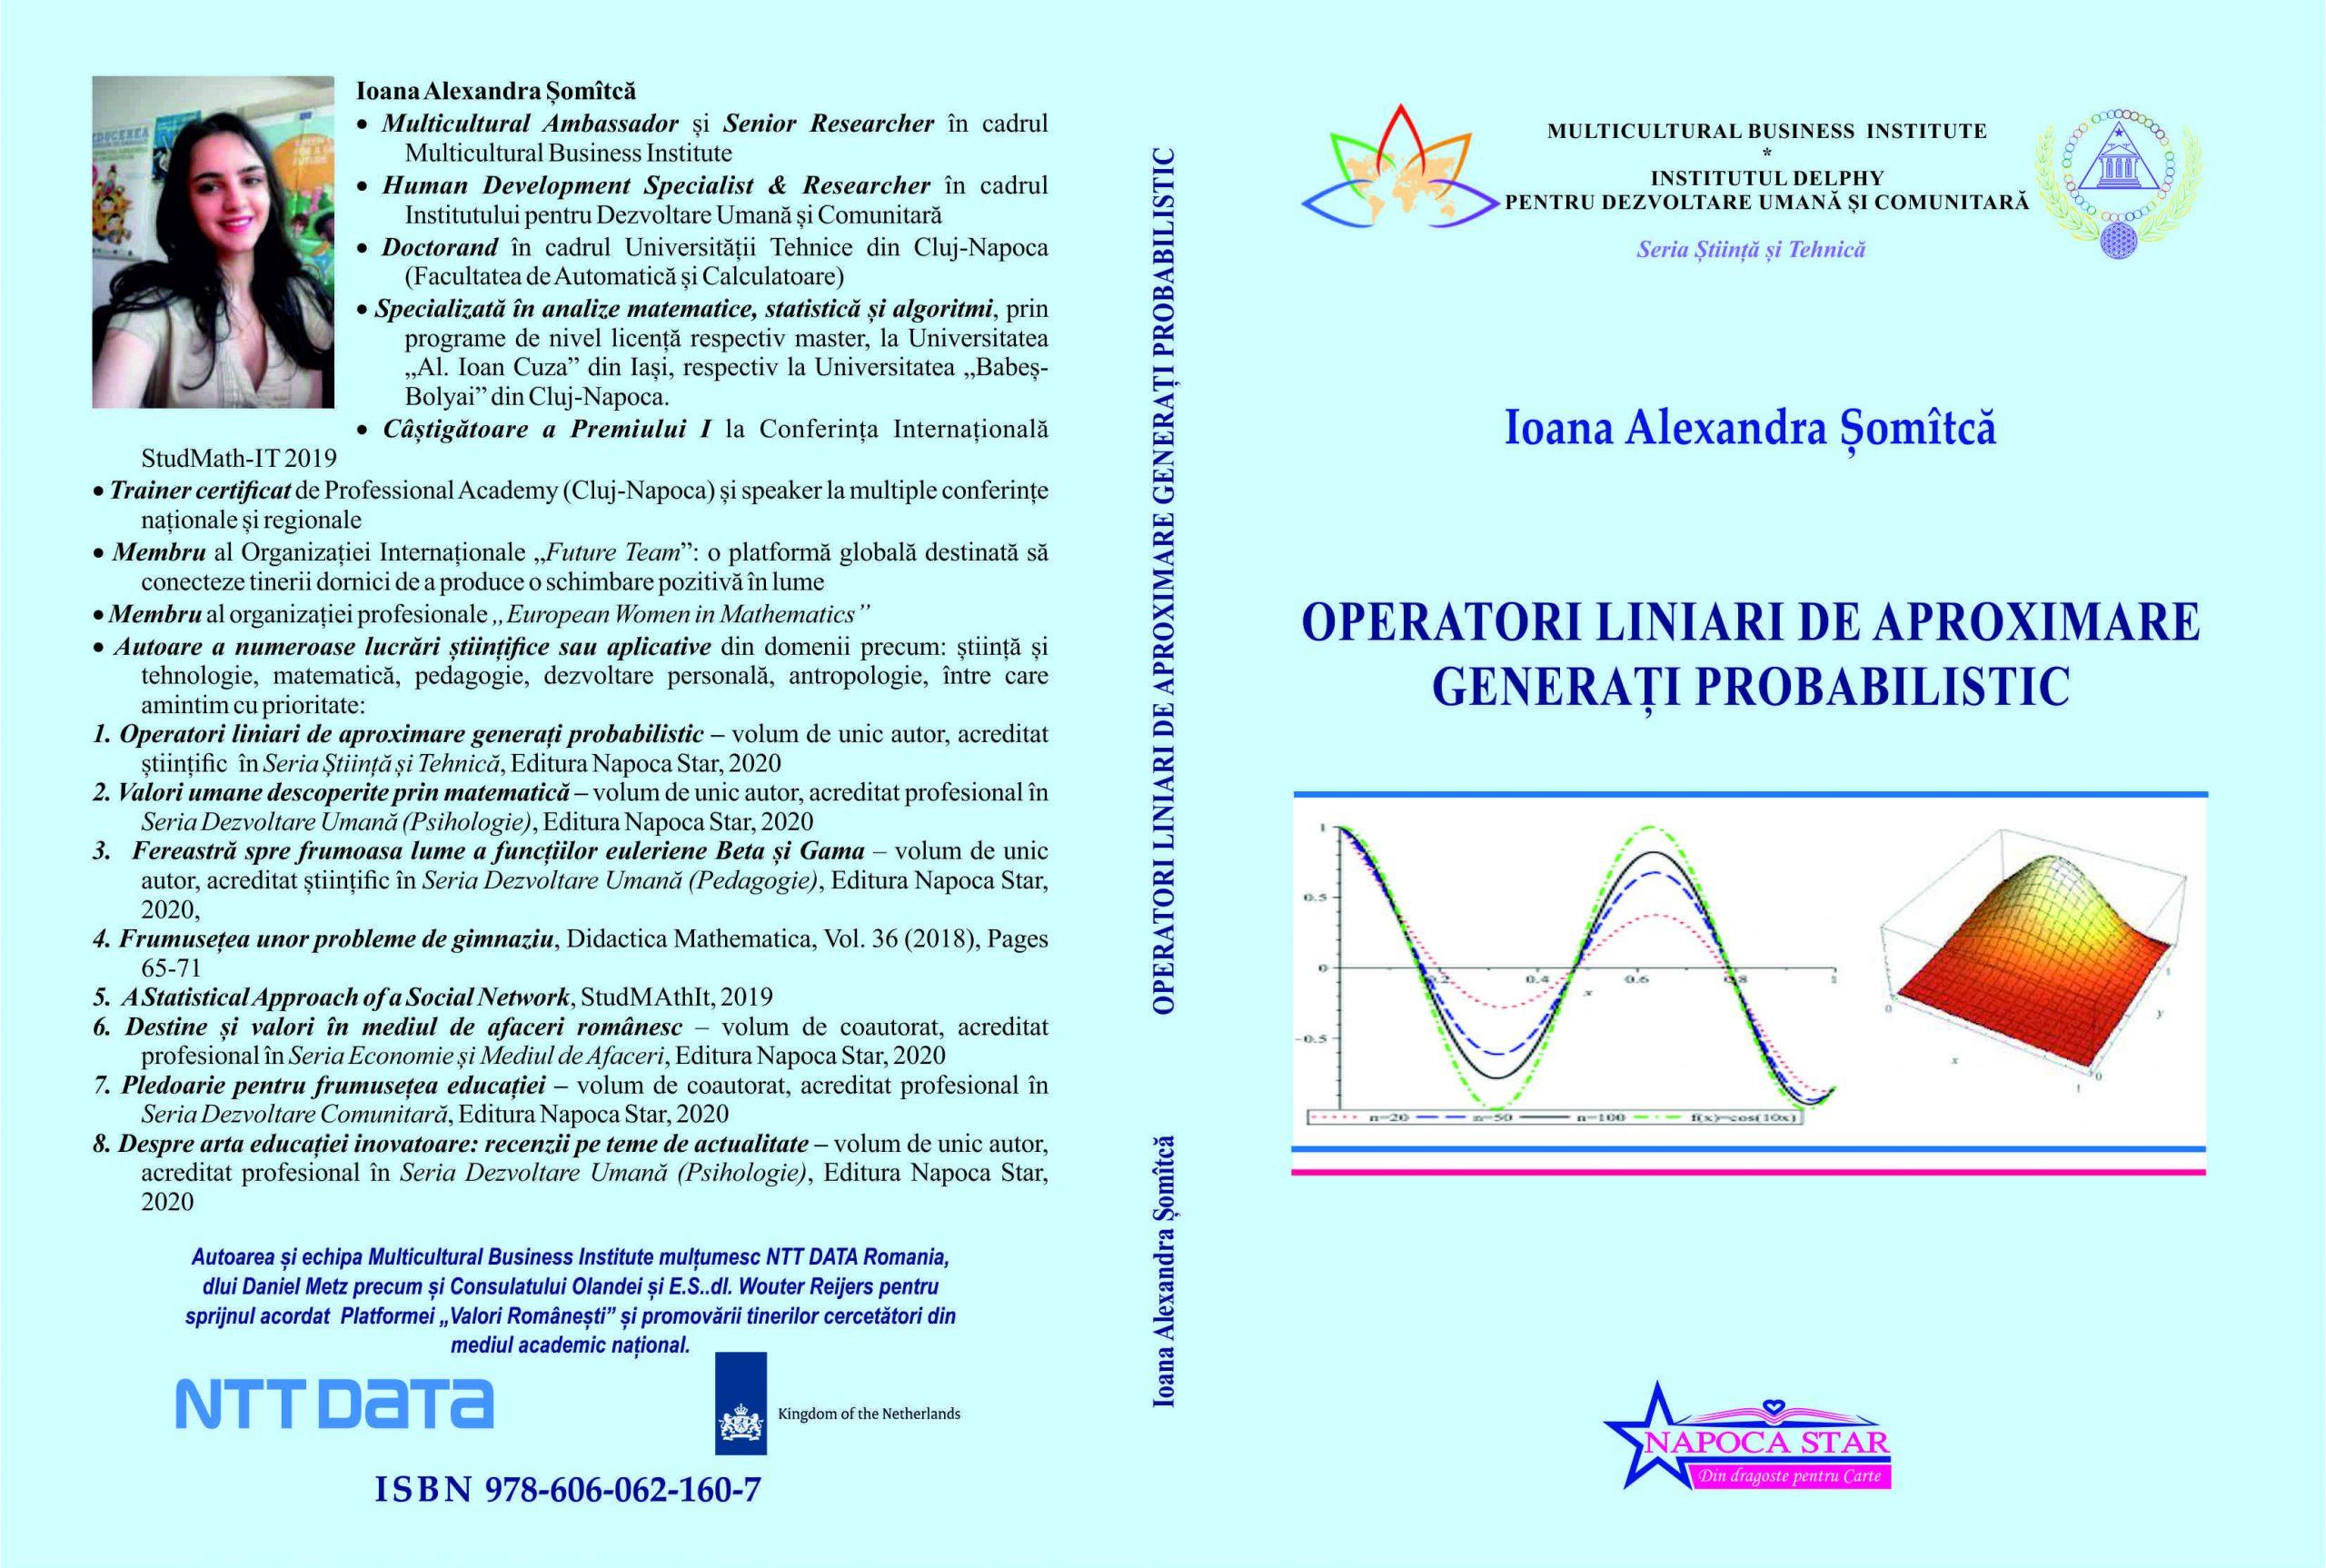 Operatori liniari - Ioana Șomîtcă